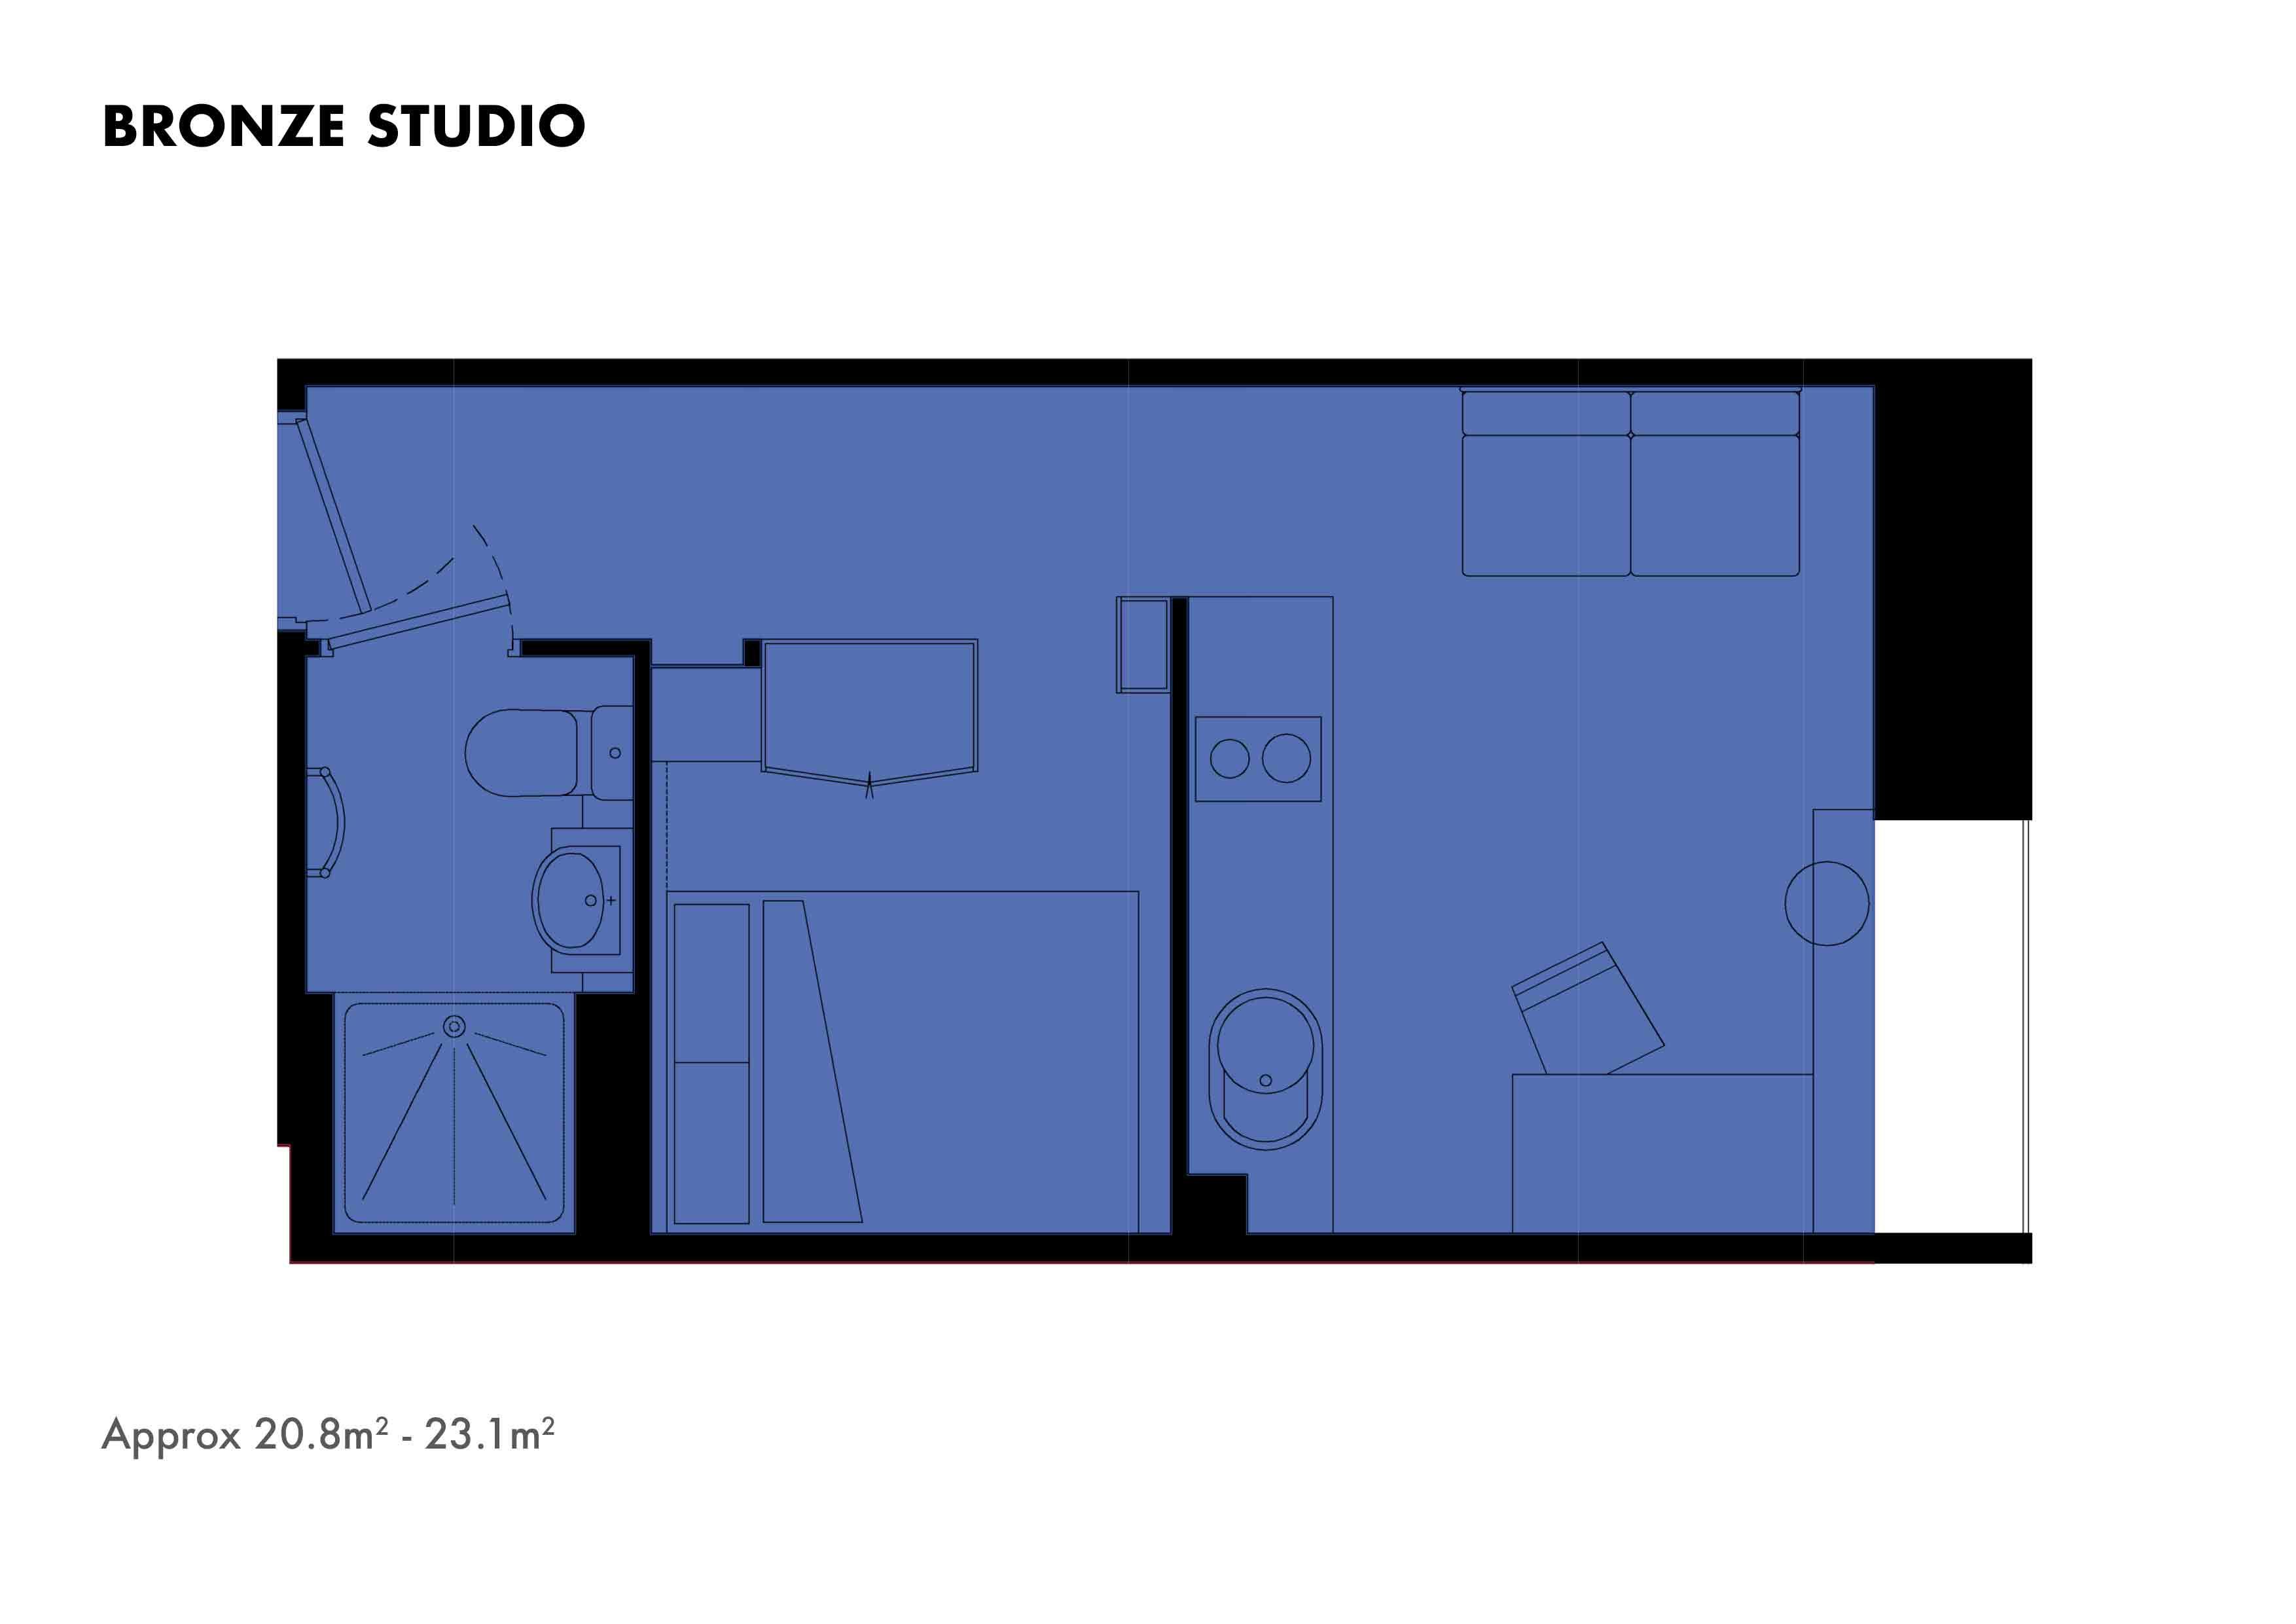 Bronze Studio floorplans